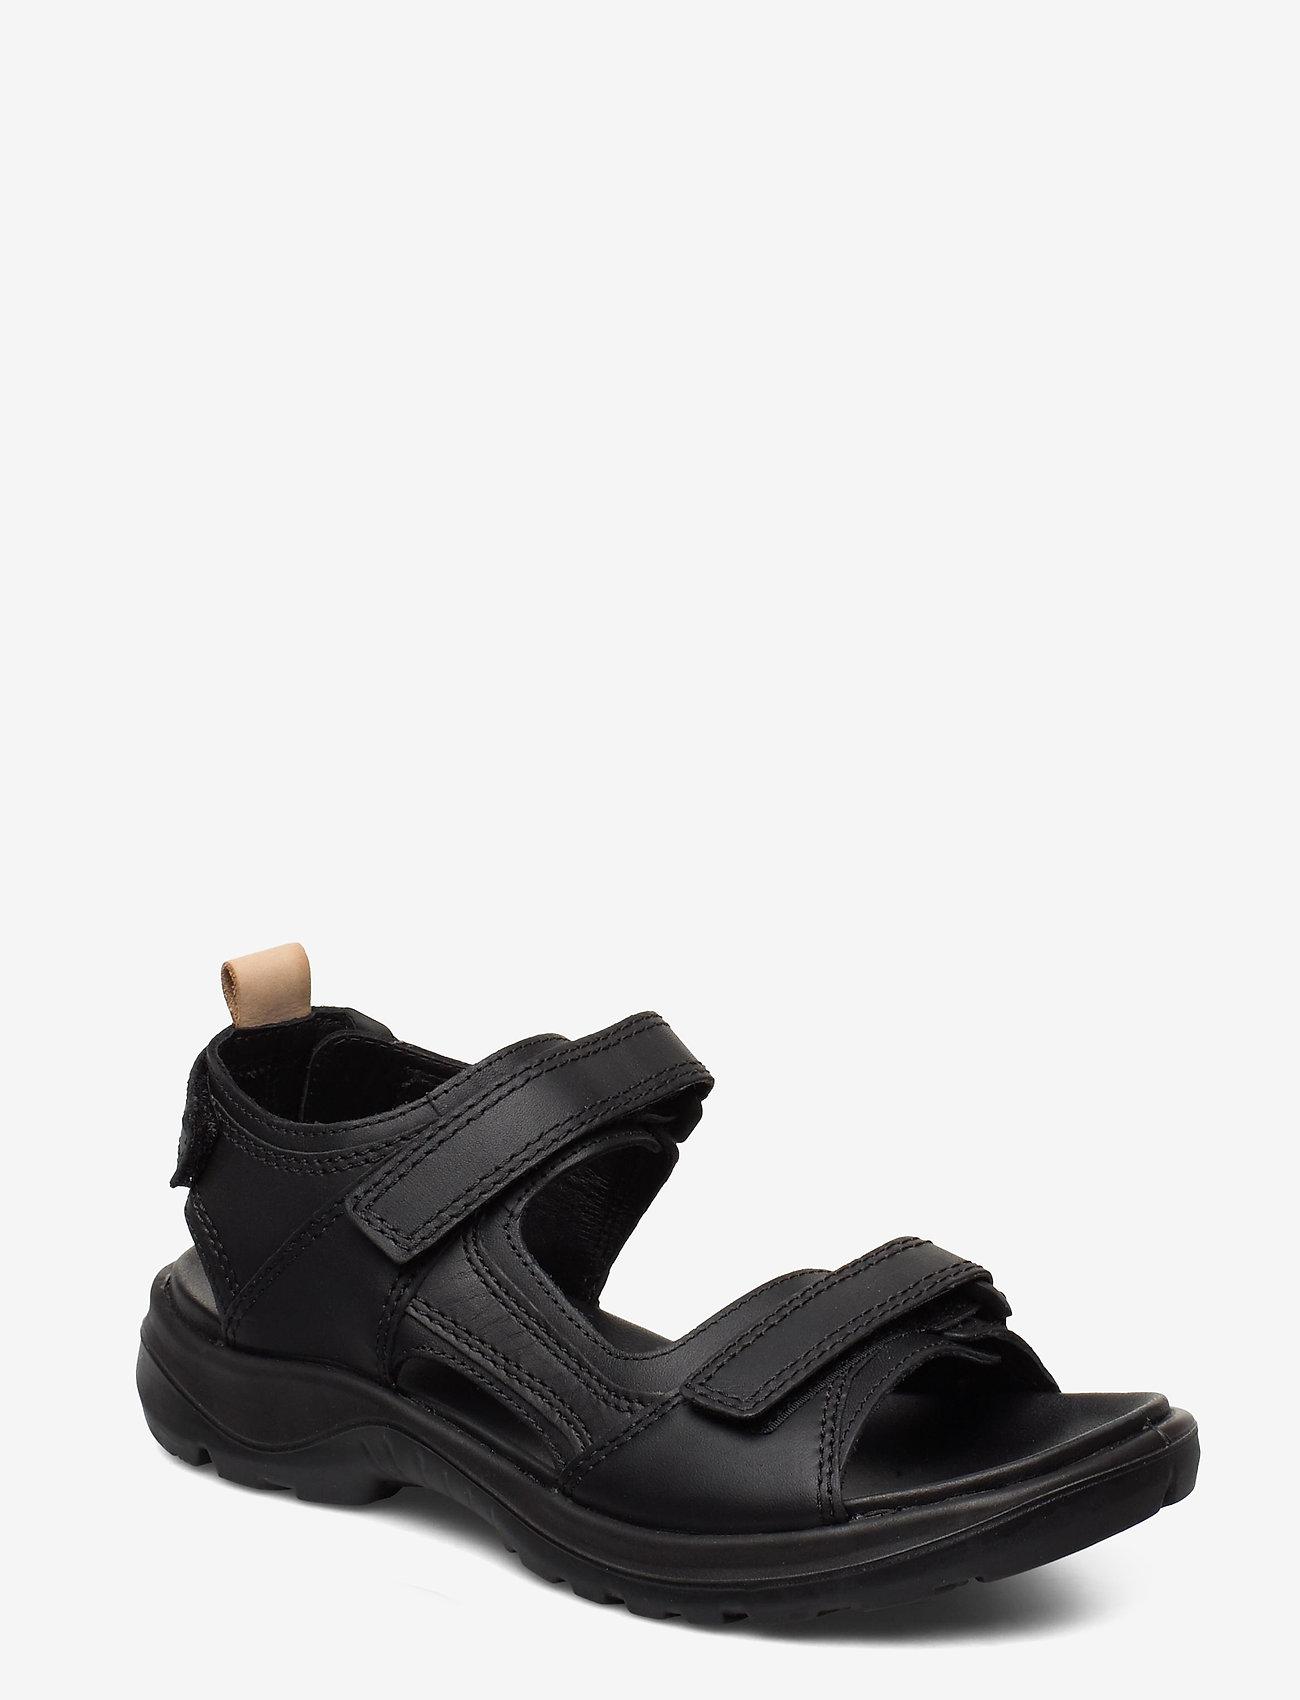 ECCO - OFFROAD - flat sandals - black/powder - 0